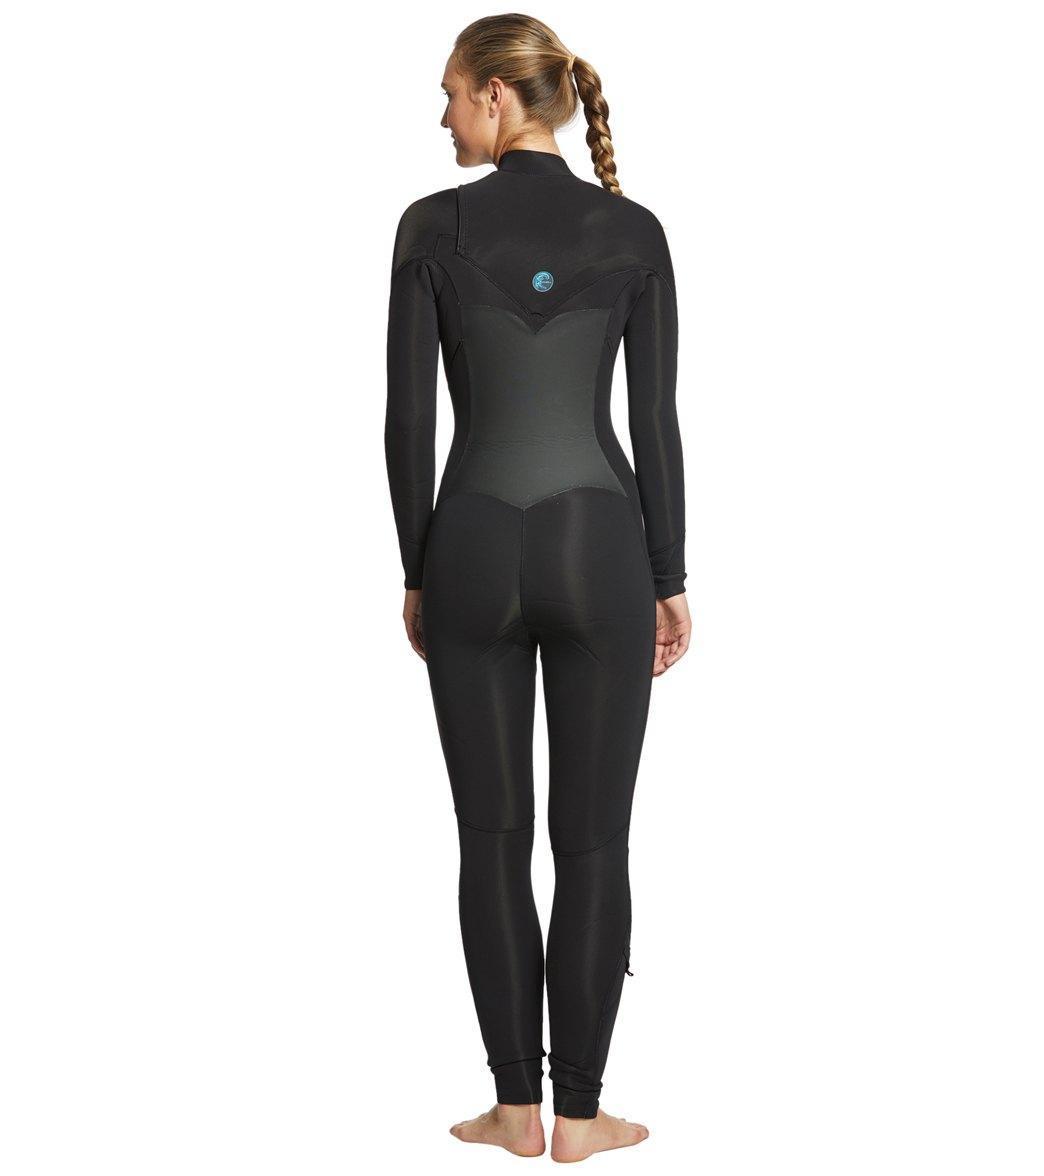 O Neill Women s Original 4 3 Front Zip Wetsuit at SwimOutlet.com ... 4a3302ba6